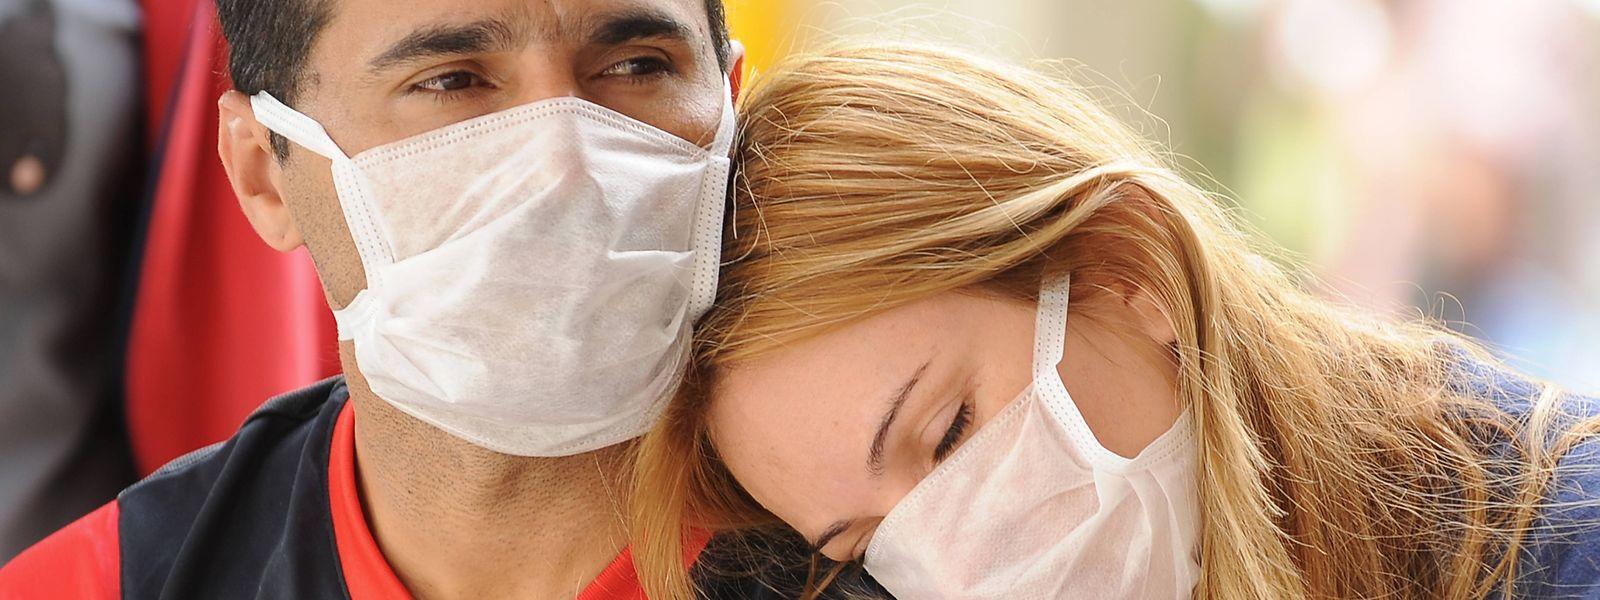 Le port du masque a considérablement réduit la circulation des virus respiratoires cet hiver. Et ce qui est vrai pour le covid l'est aussi pour la grippe.